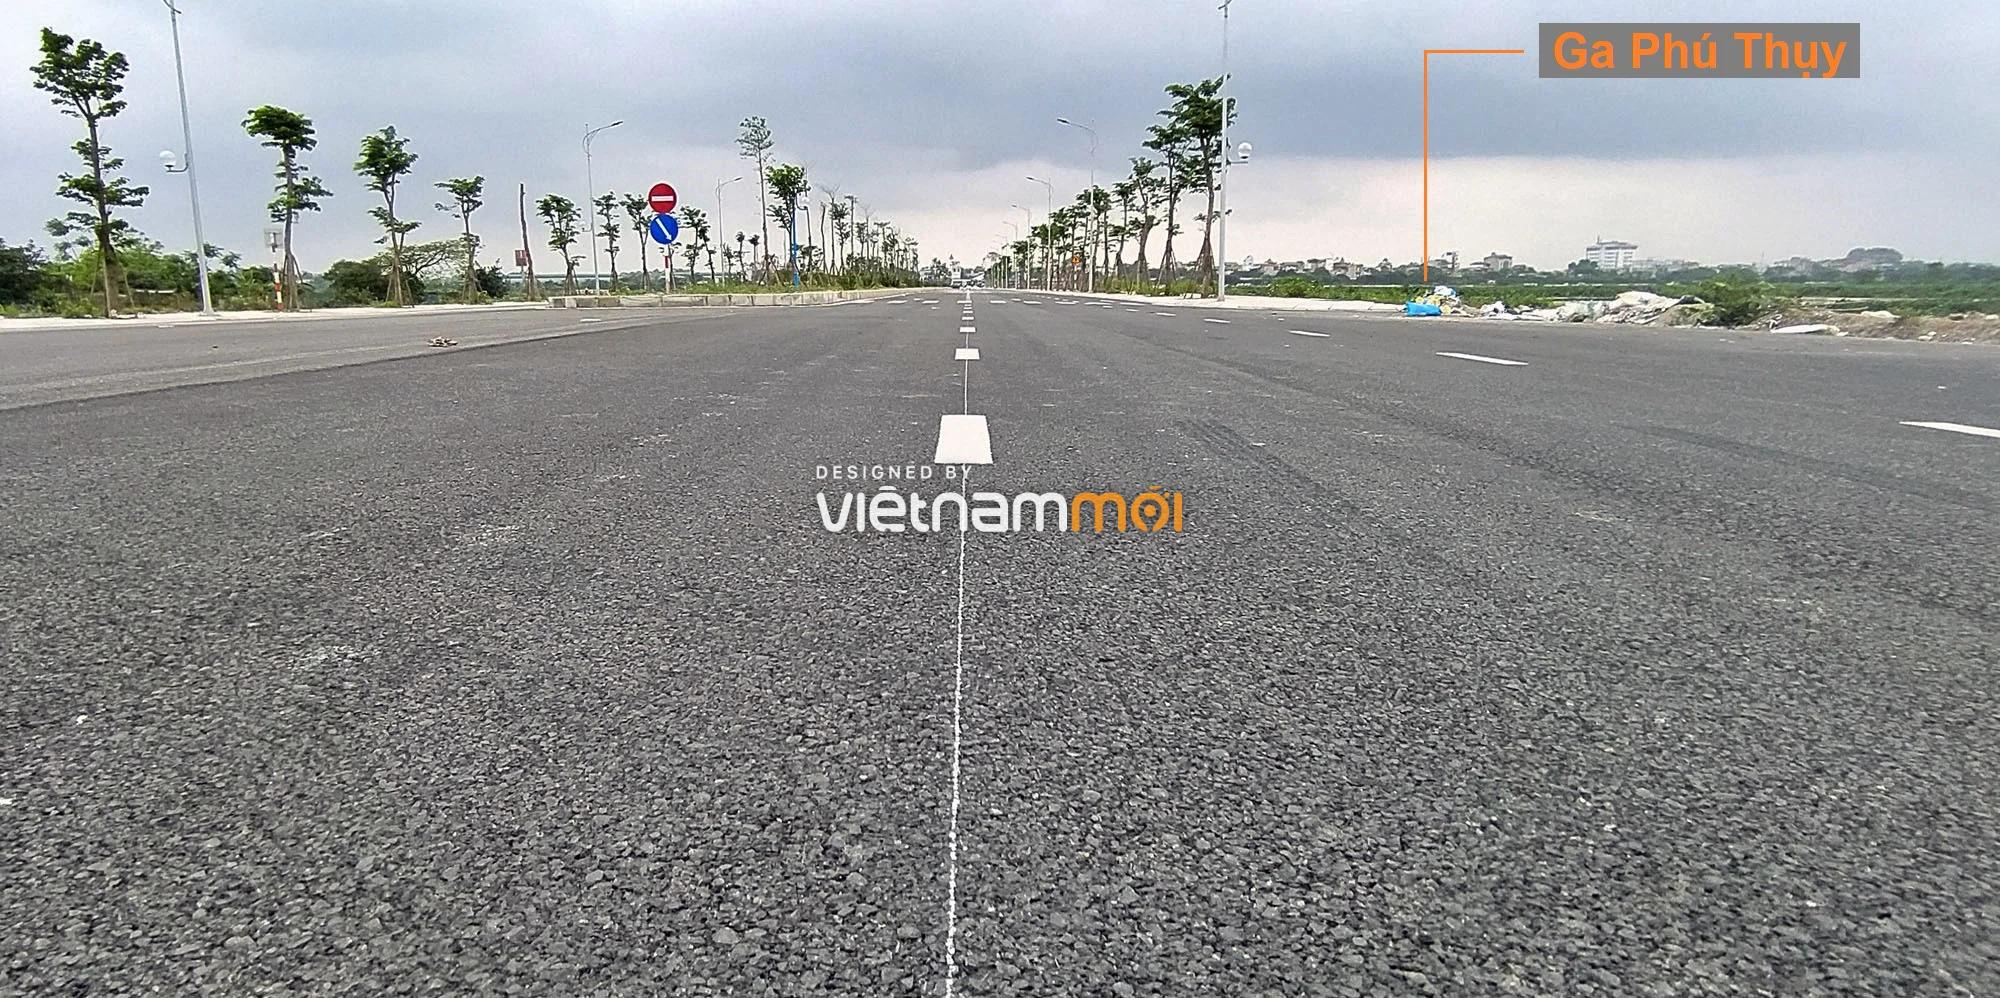 Toàn cảnh đường nối Vinhomes Ocean Park với ga Phú Thụy đang mở theo quy hoạch ở Hà Nội - Ảnh 5.